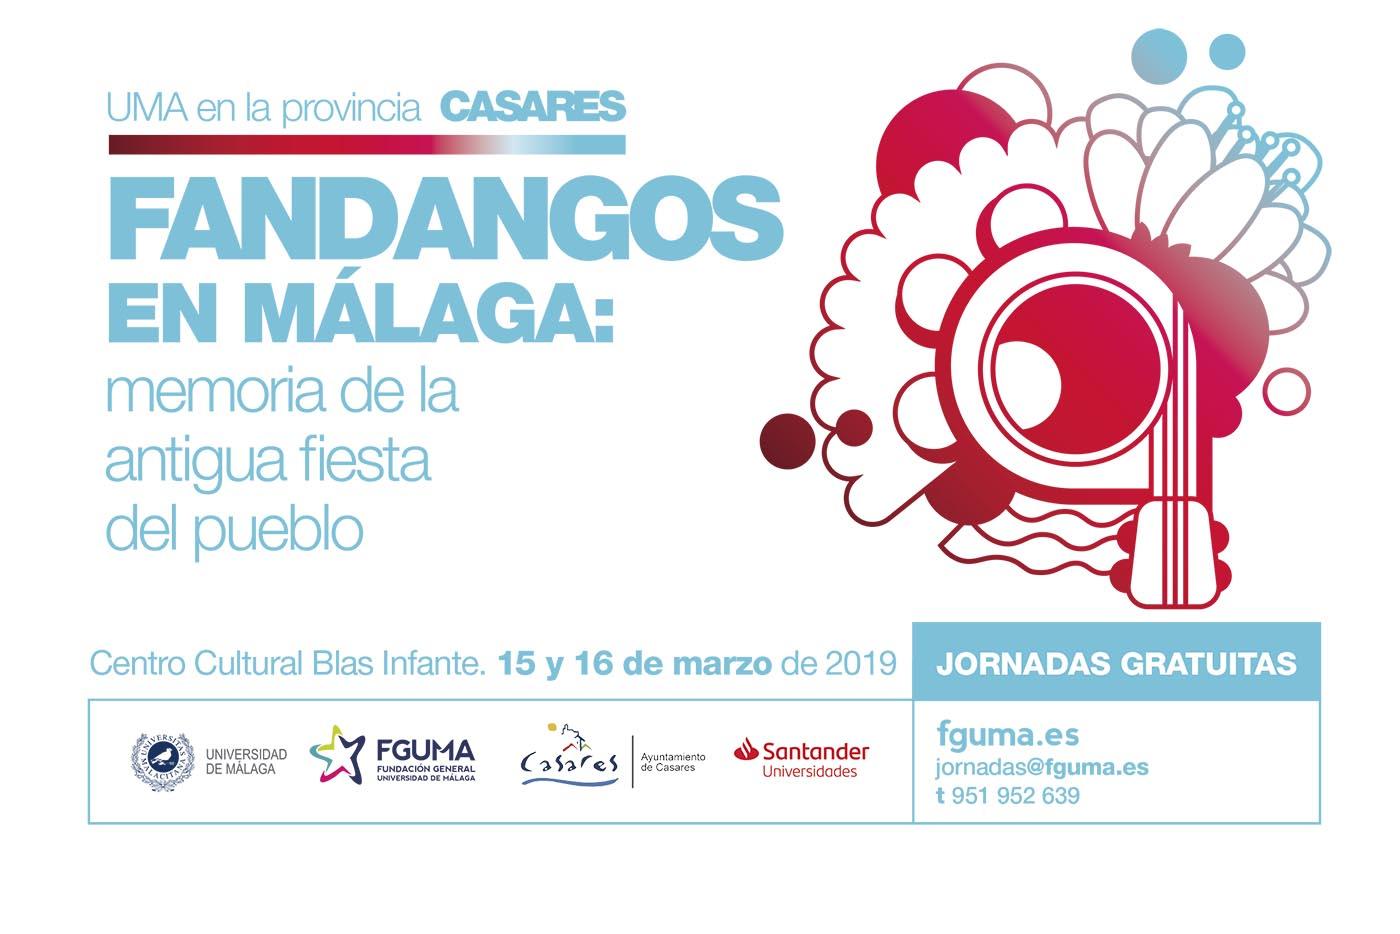 Jornadas de Patrimonio de Casares: el fandango de Málaga